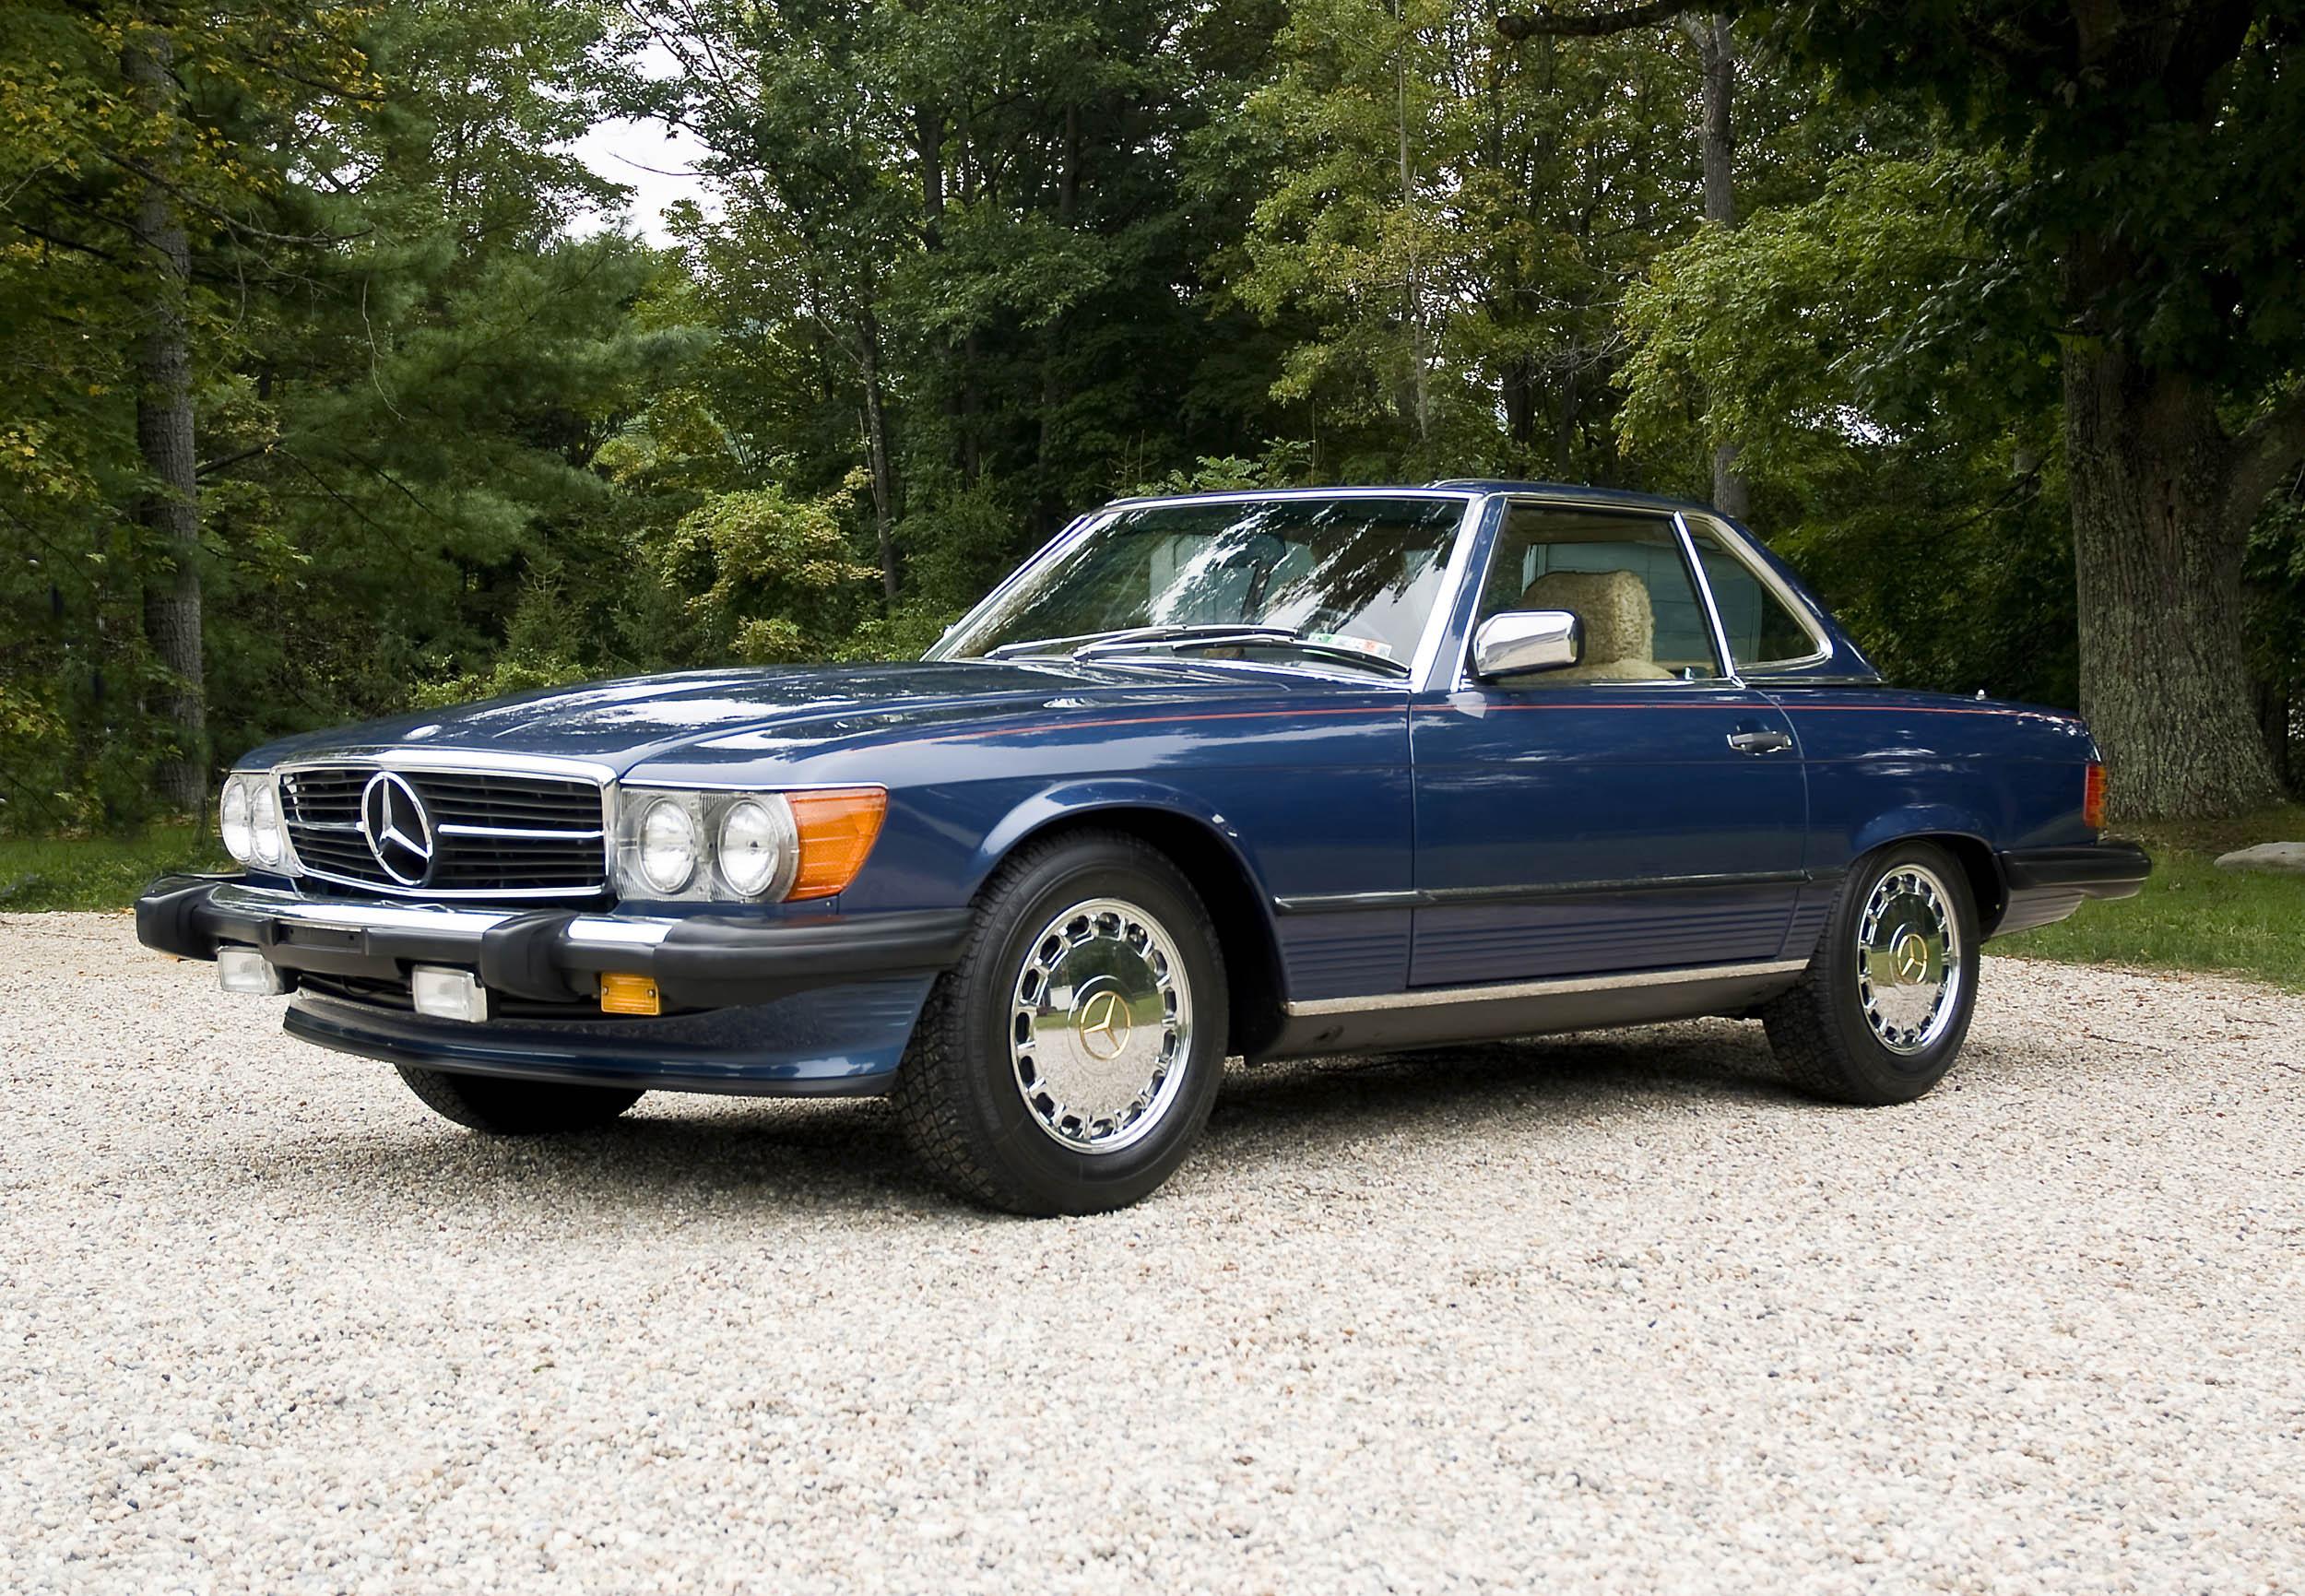 1986 Mercedes-Benz 560 SL front 3/4